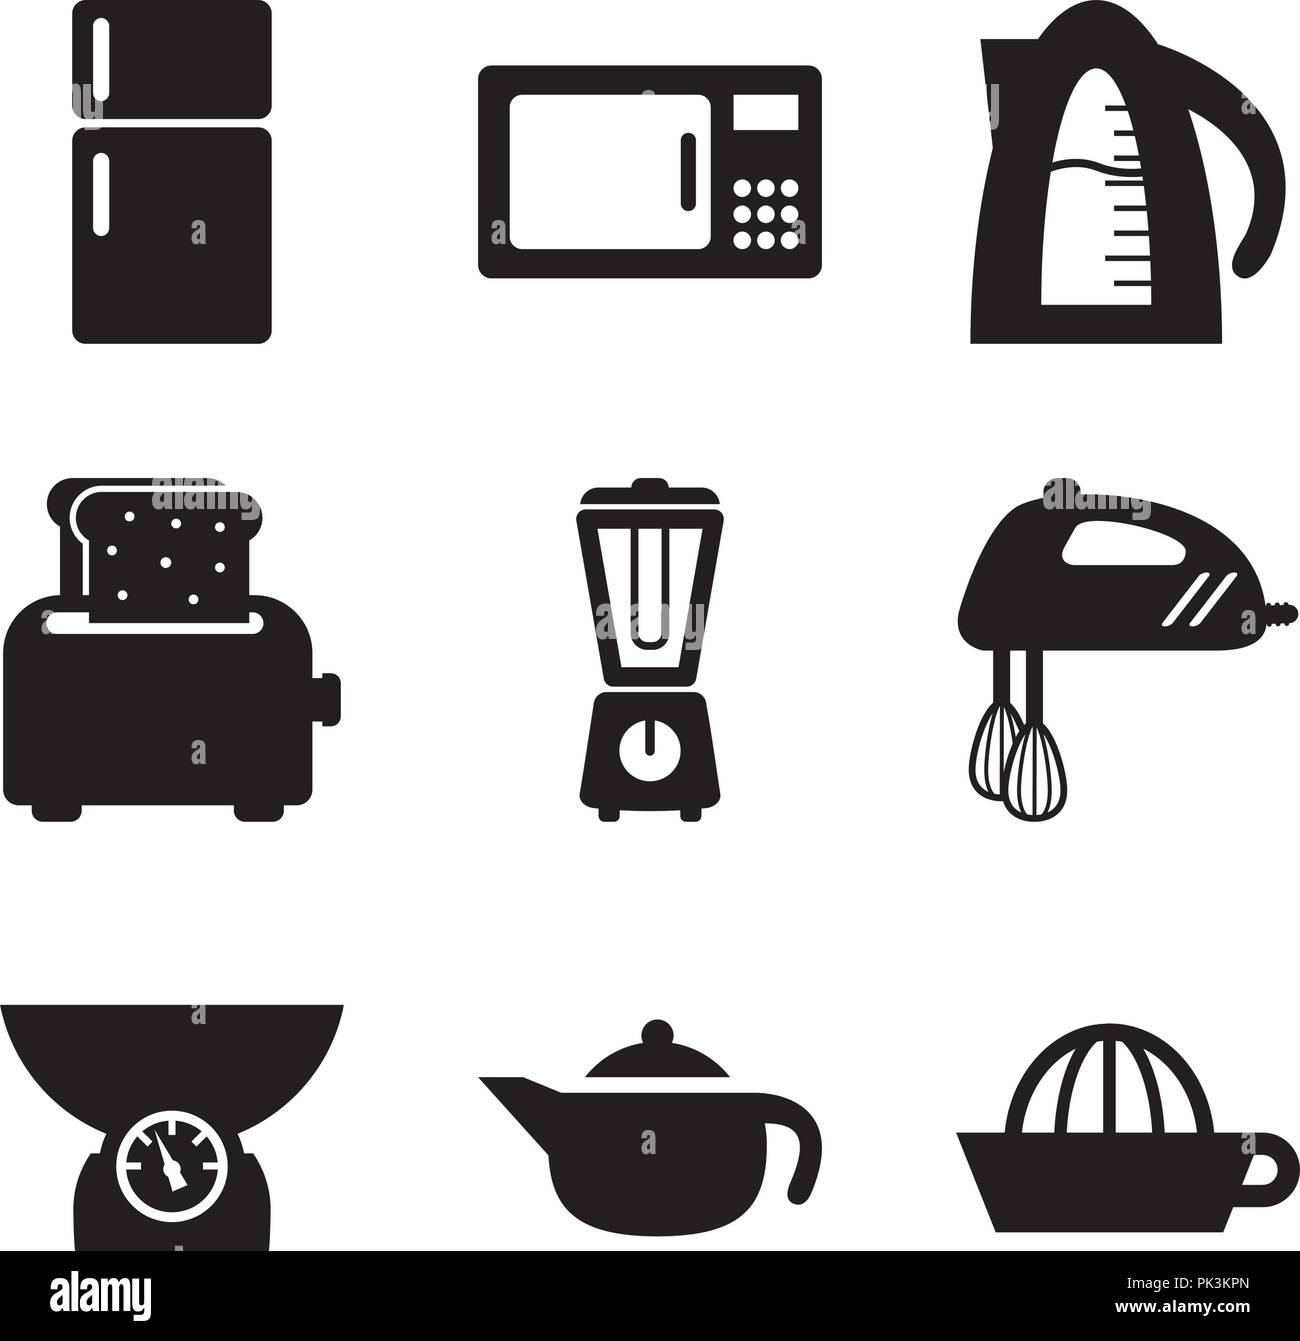 Basic Kitchen Utensils 06 - Stock Vector